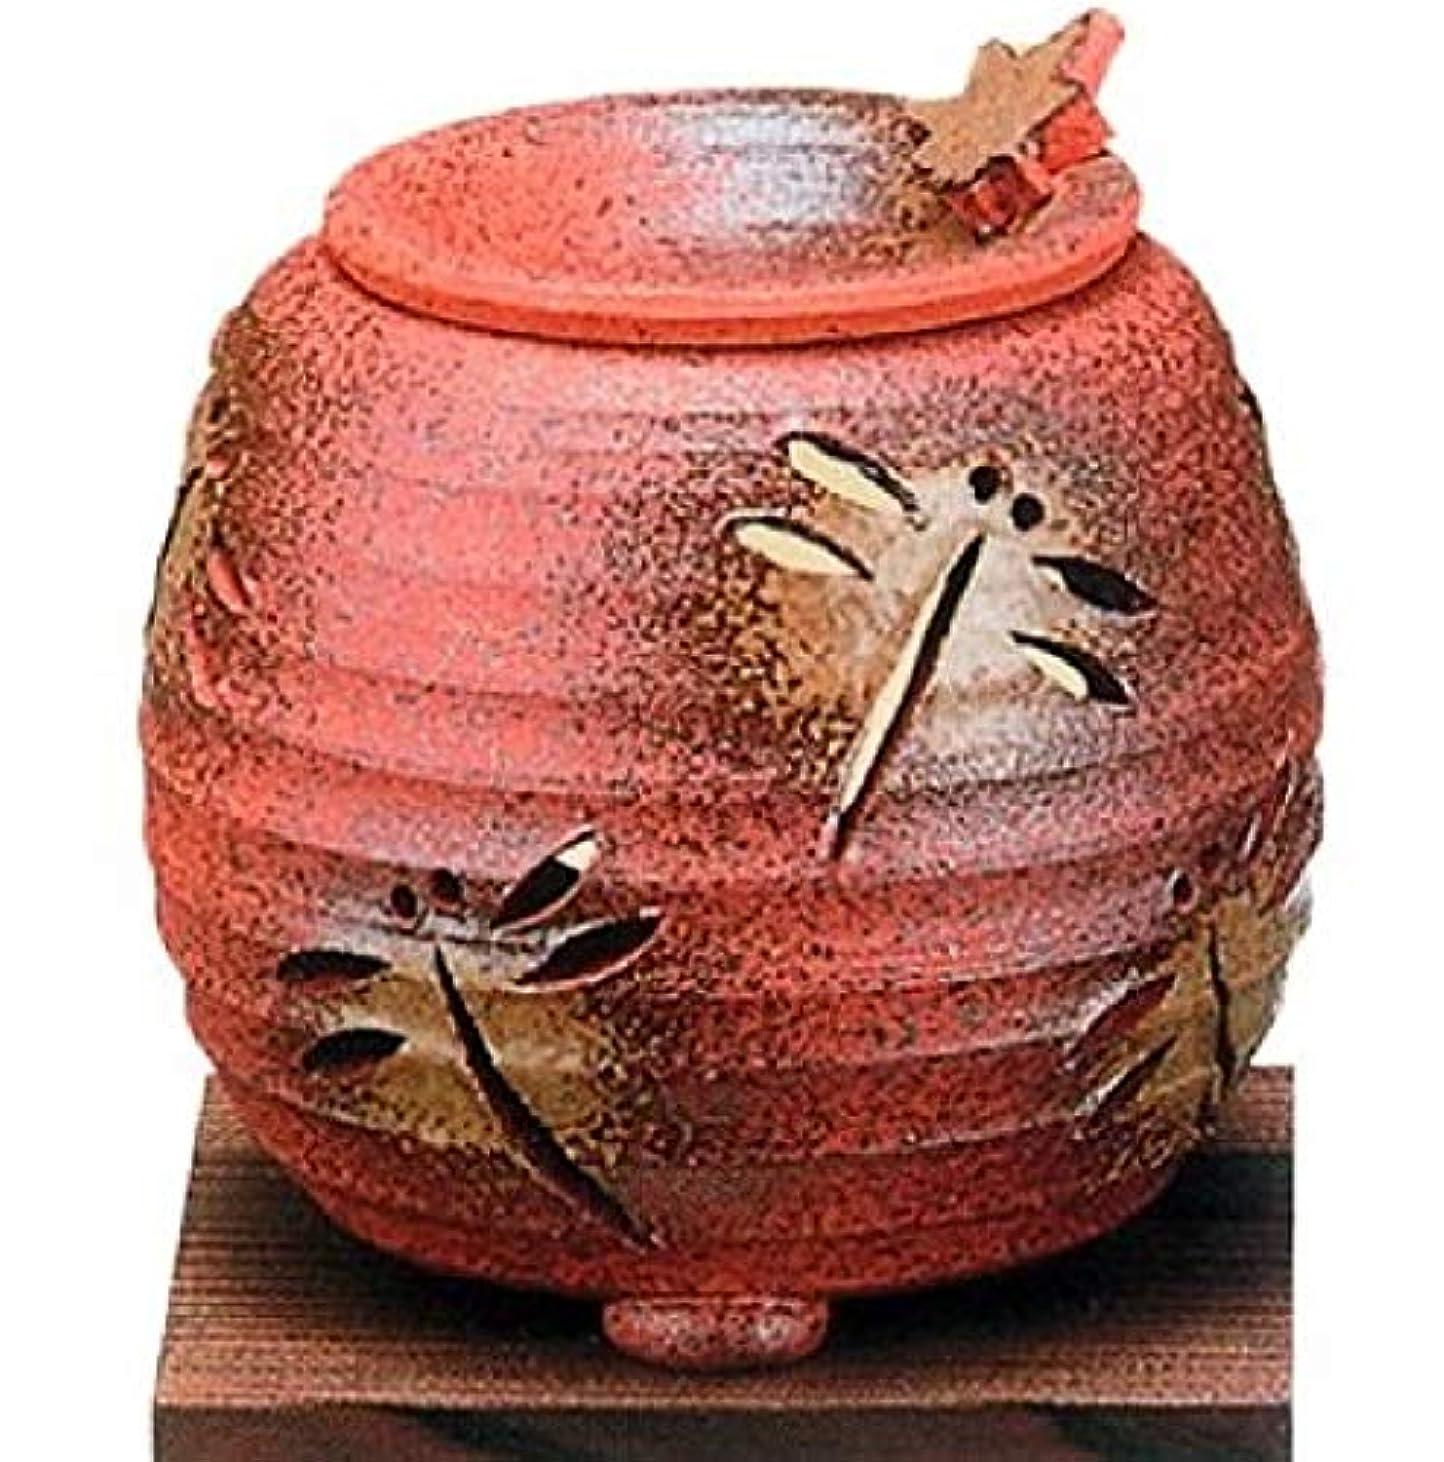 整然とした億ポータブル【常滑焼】石龍 焼〆千段トンボ茶香炉   千段トンボ透かし  φ11×H11㎝ 3-830